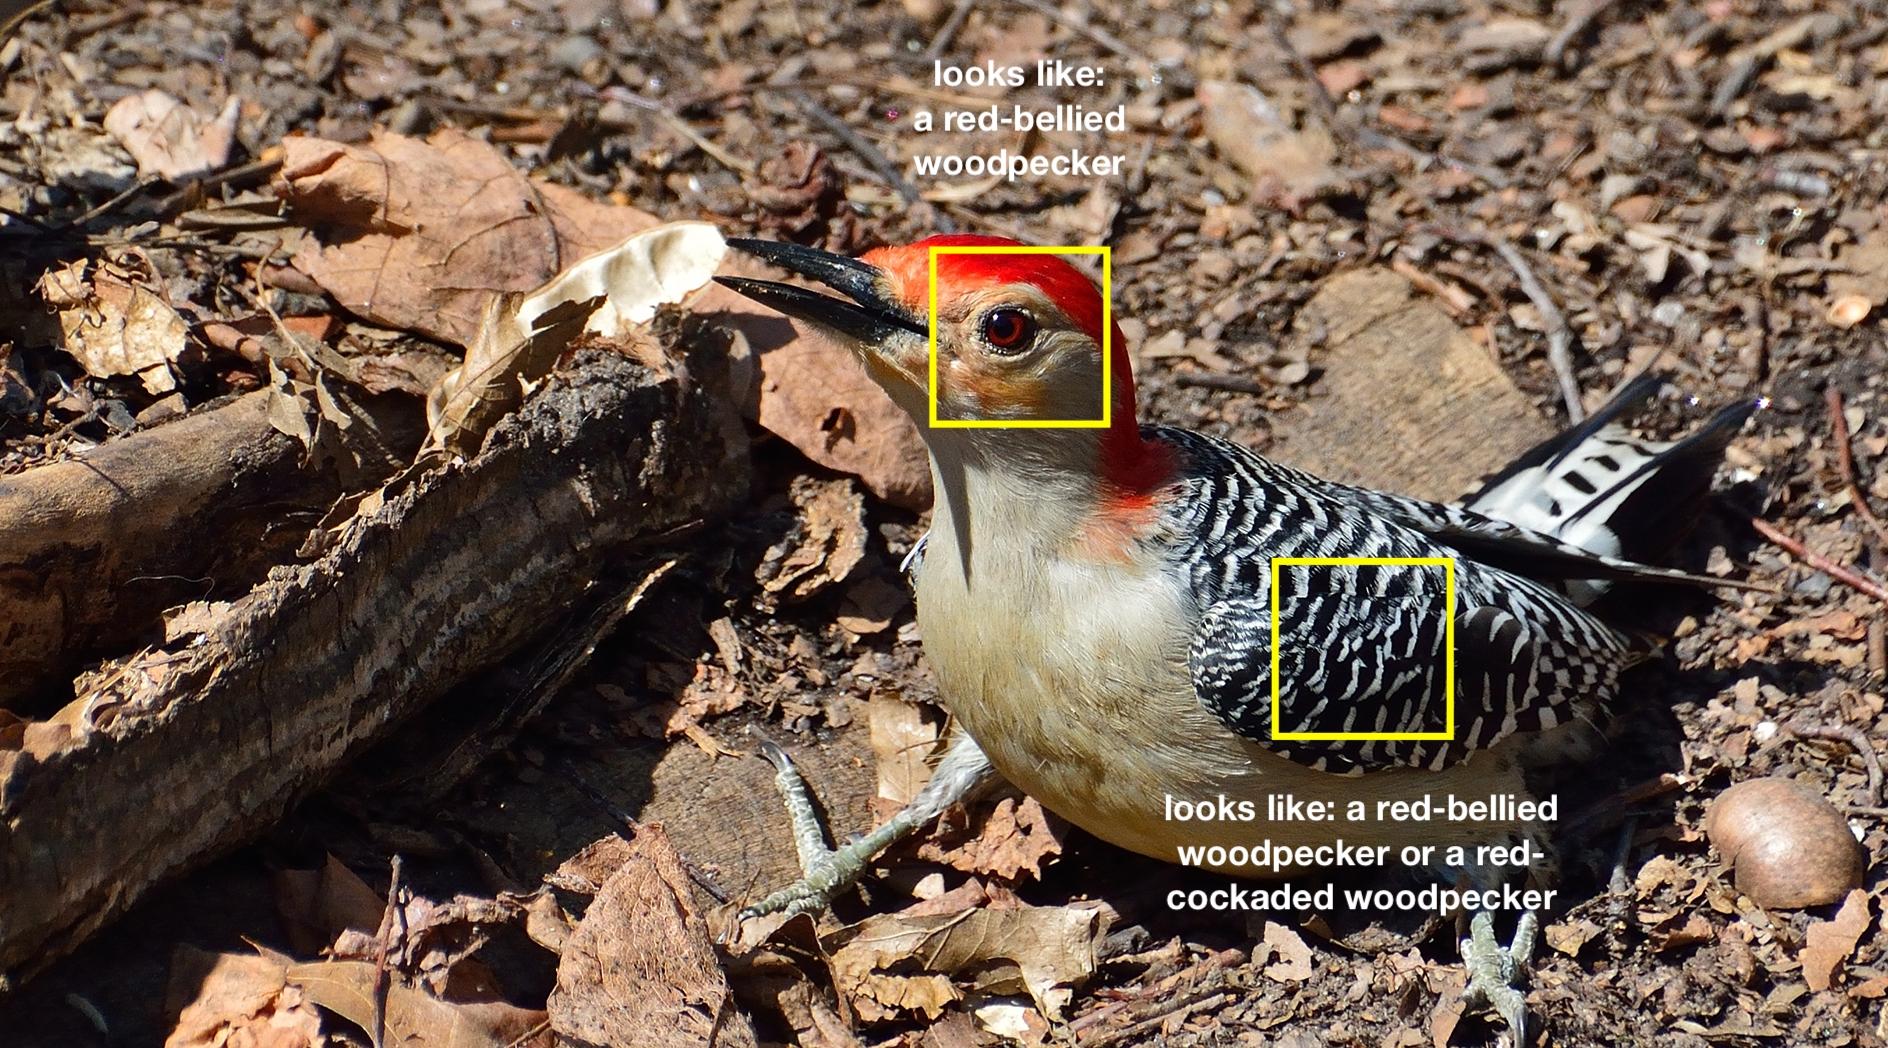 A red-bellied woodpecker